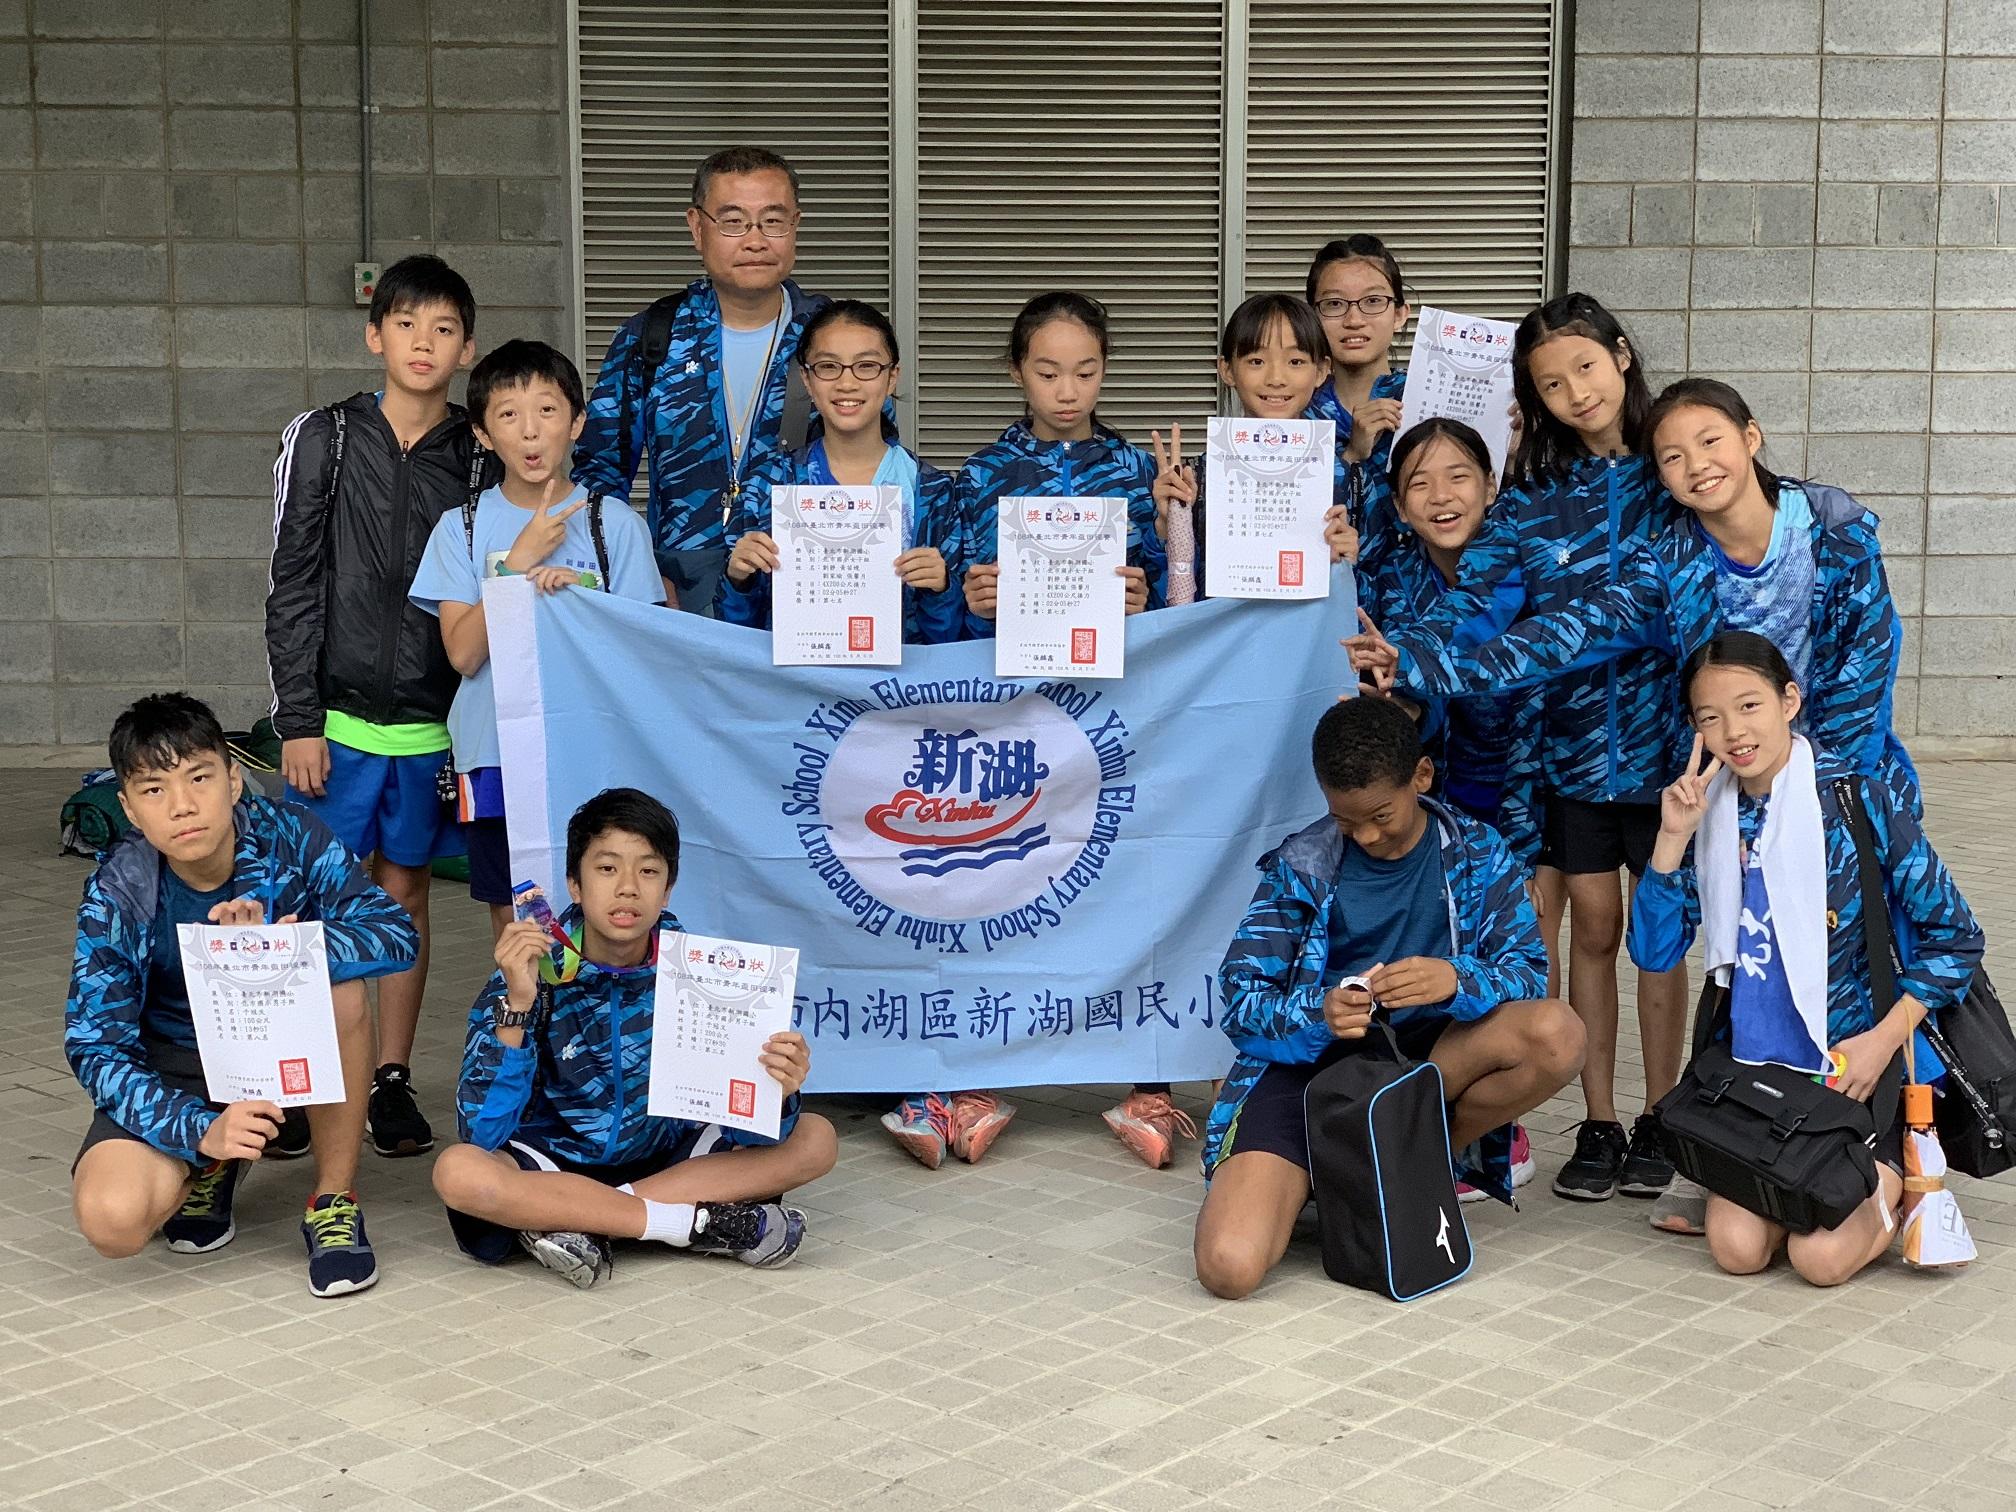 1080505-06臺北市108年青年盃田徑賽 (3)